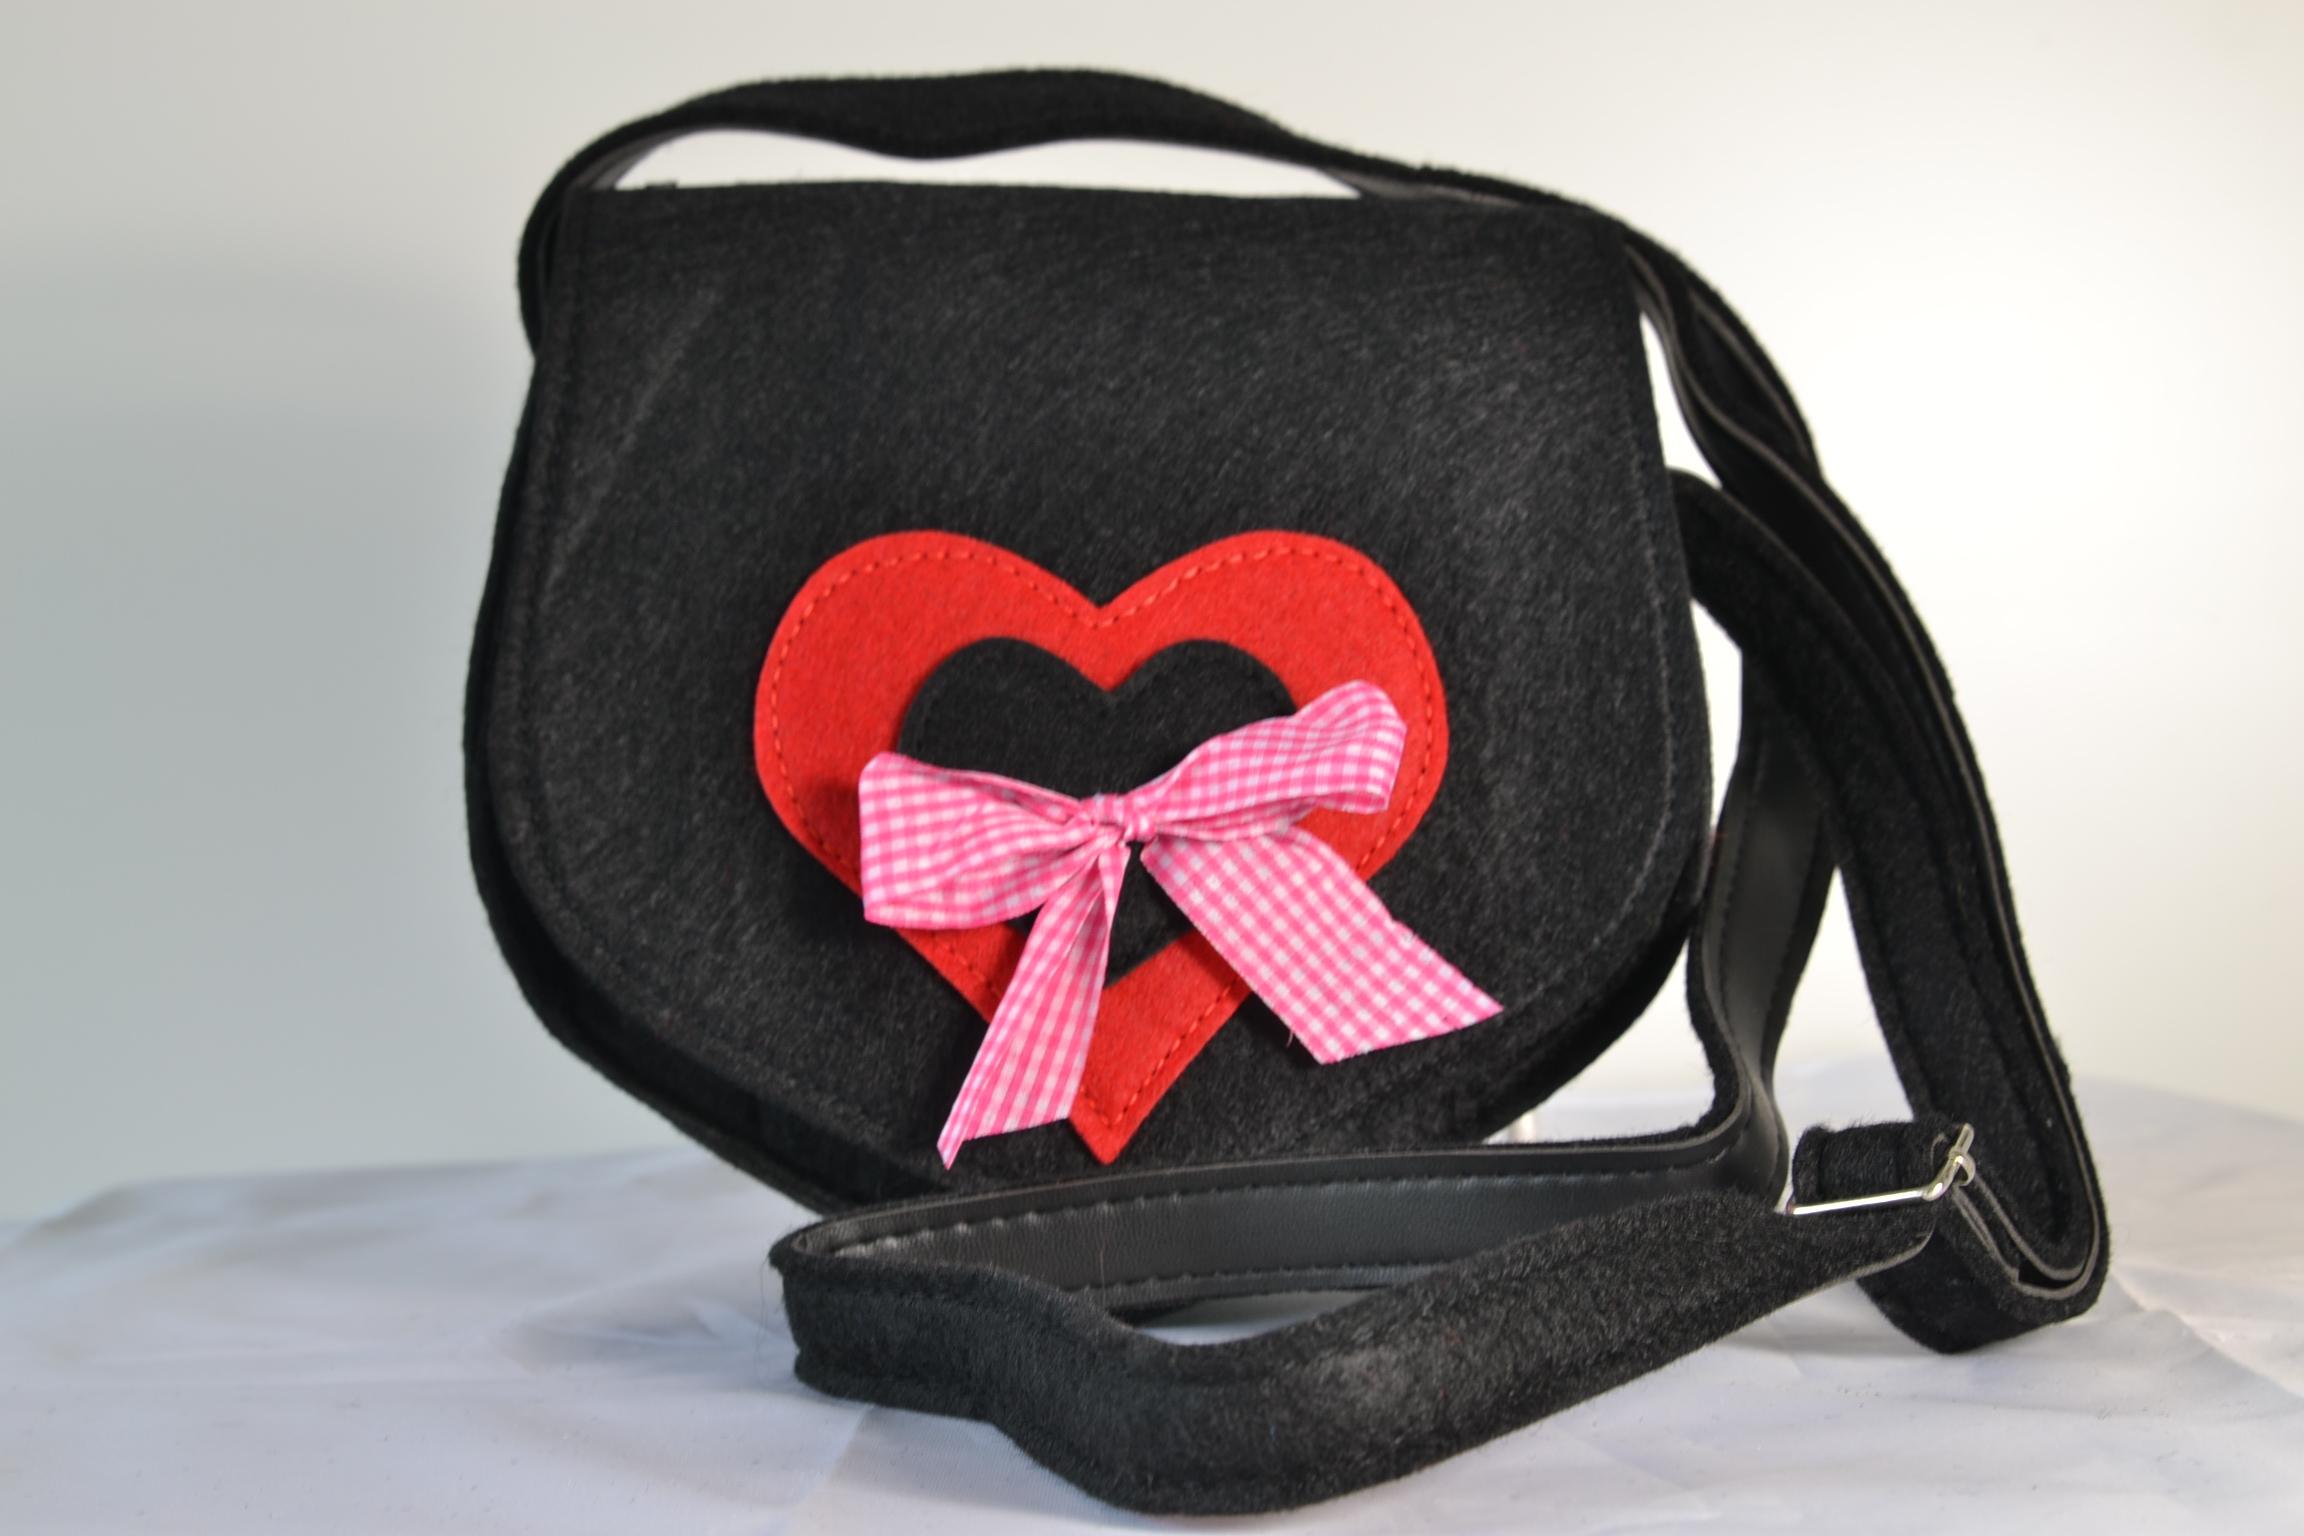 95c9c7b571bd2 Damenhandtasche Dirndltasche schwarz Umhängetasche Trachtenmode